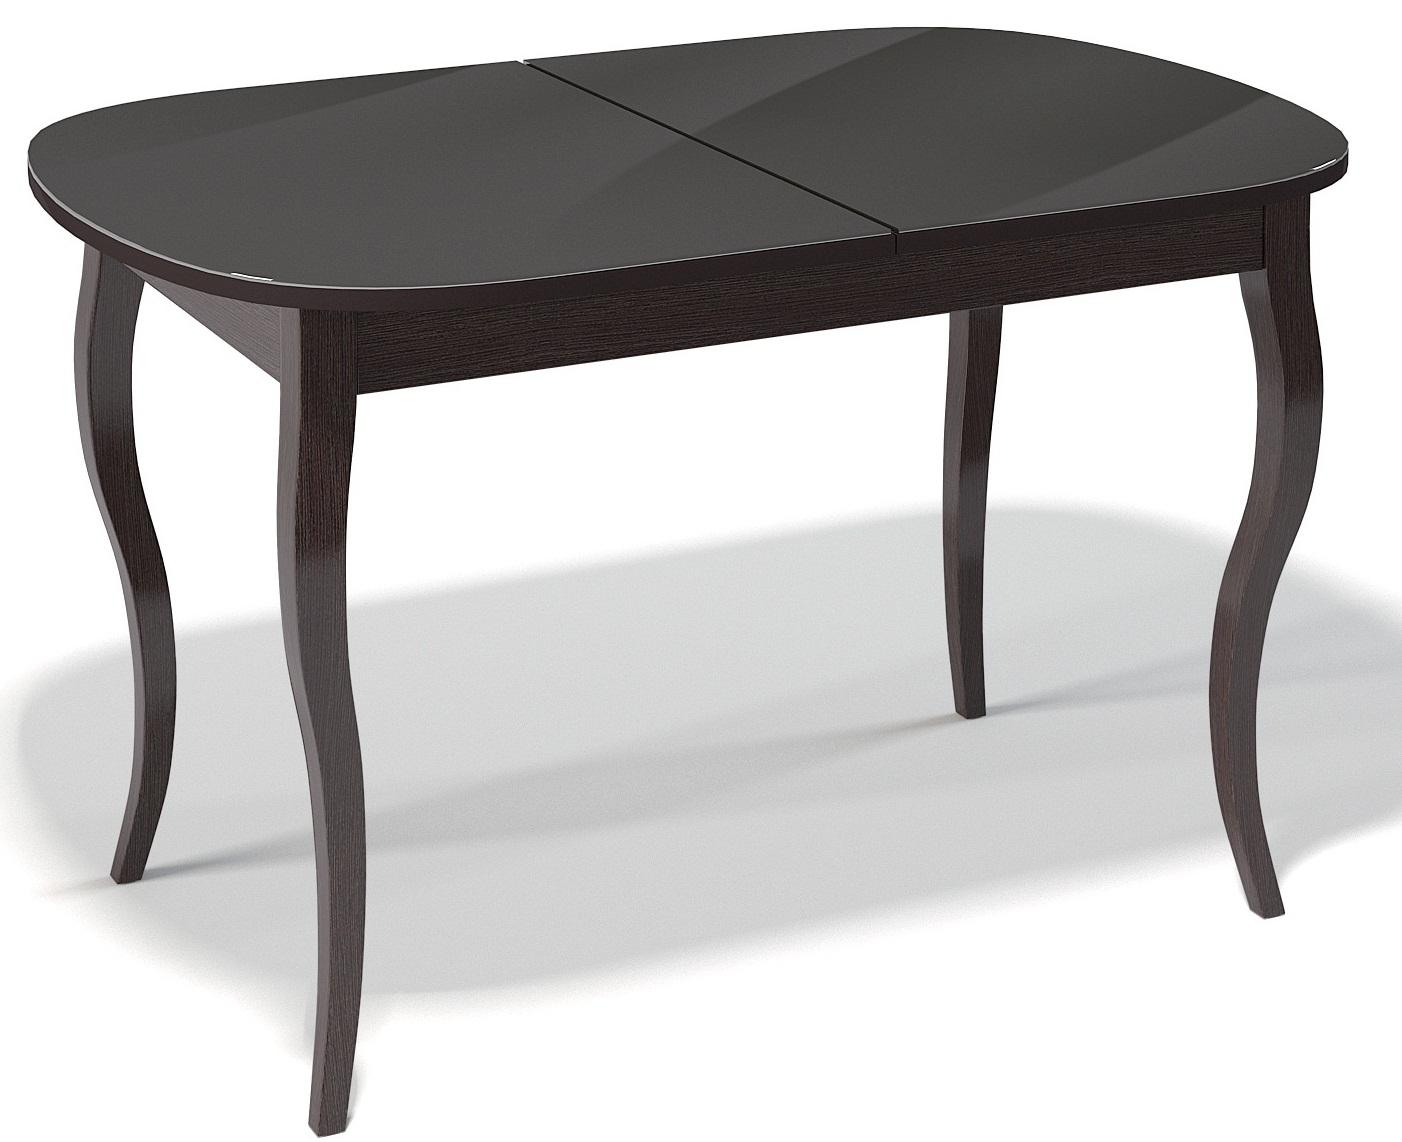 Стол кухонный венге стекло черное 130-170 см. (арт. М4193)